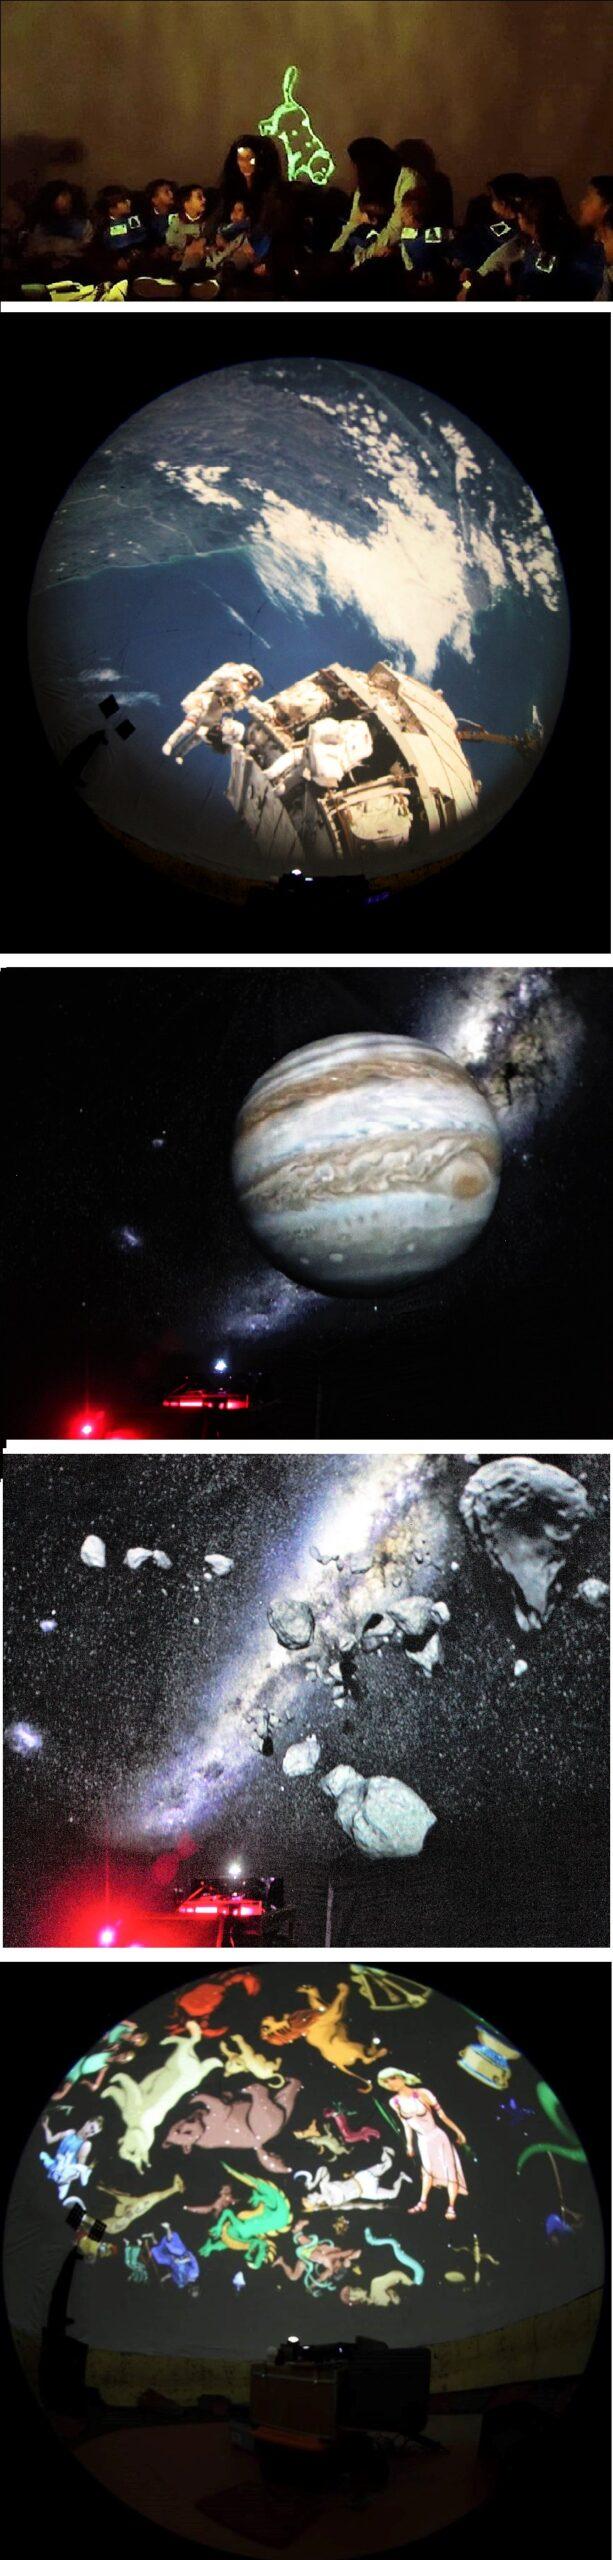 Imágenes del Interior del Planetario con Infantil